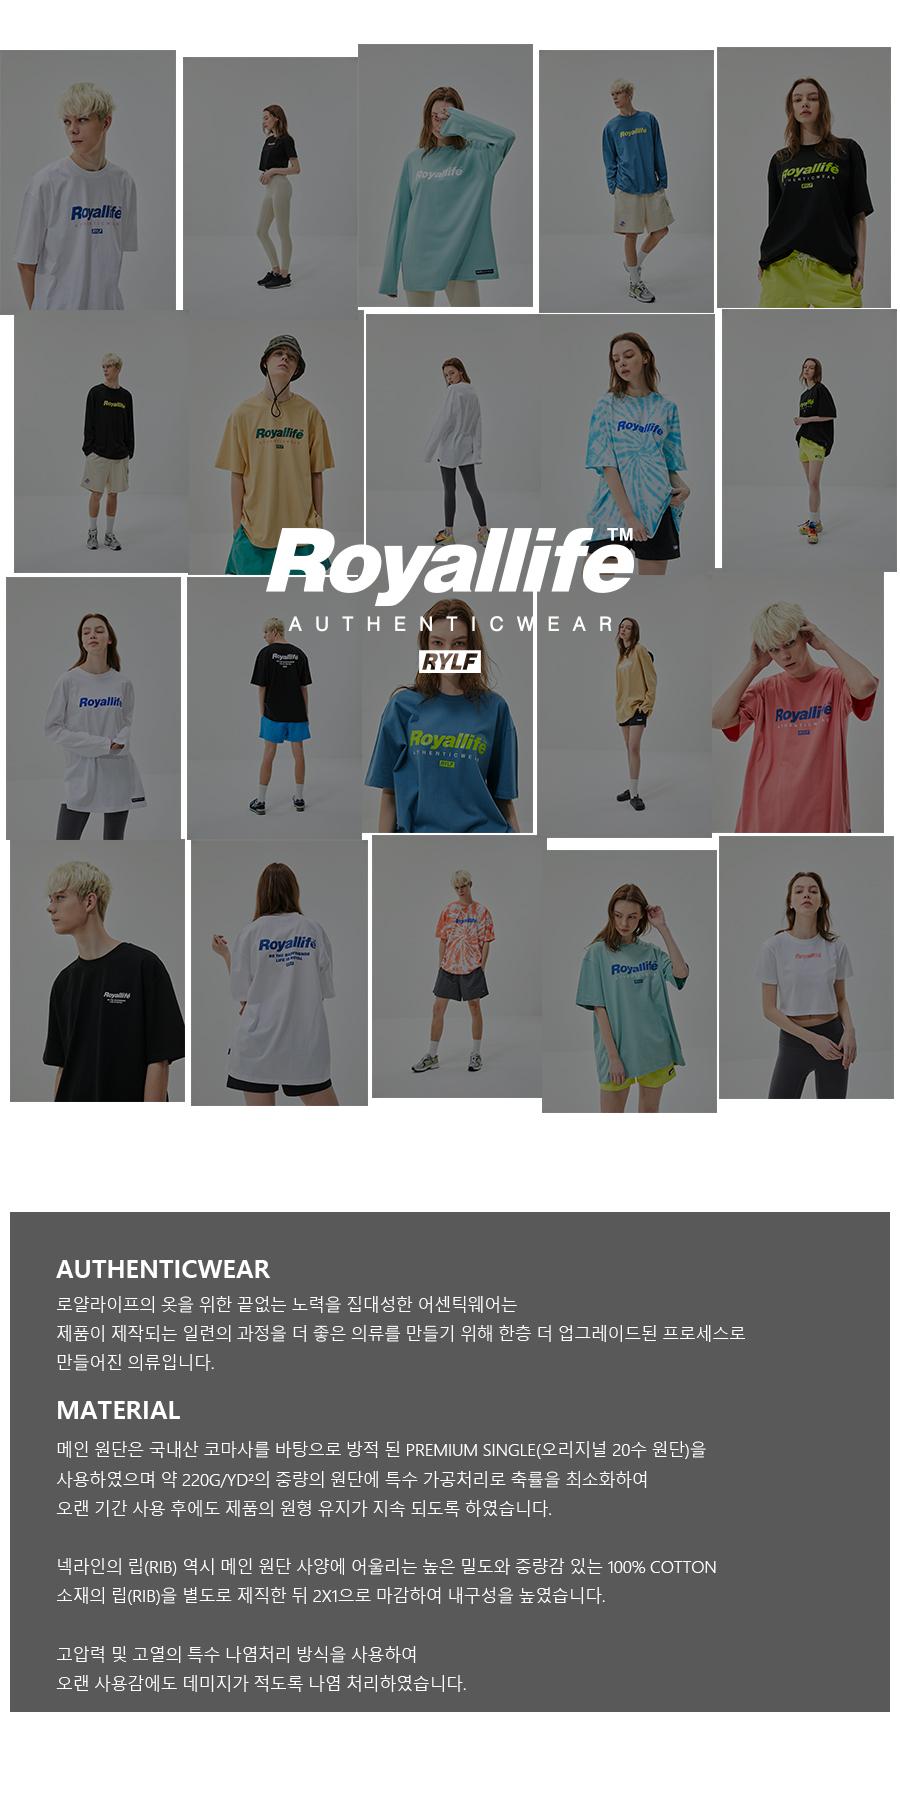 로얄라이프(ROYALLIFE) RL700 어센틱웨어 반팔 - 바닐라